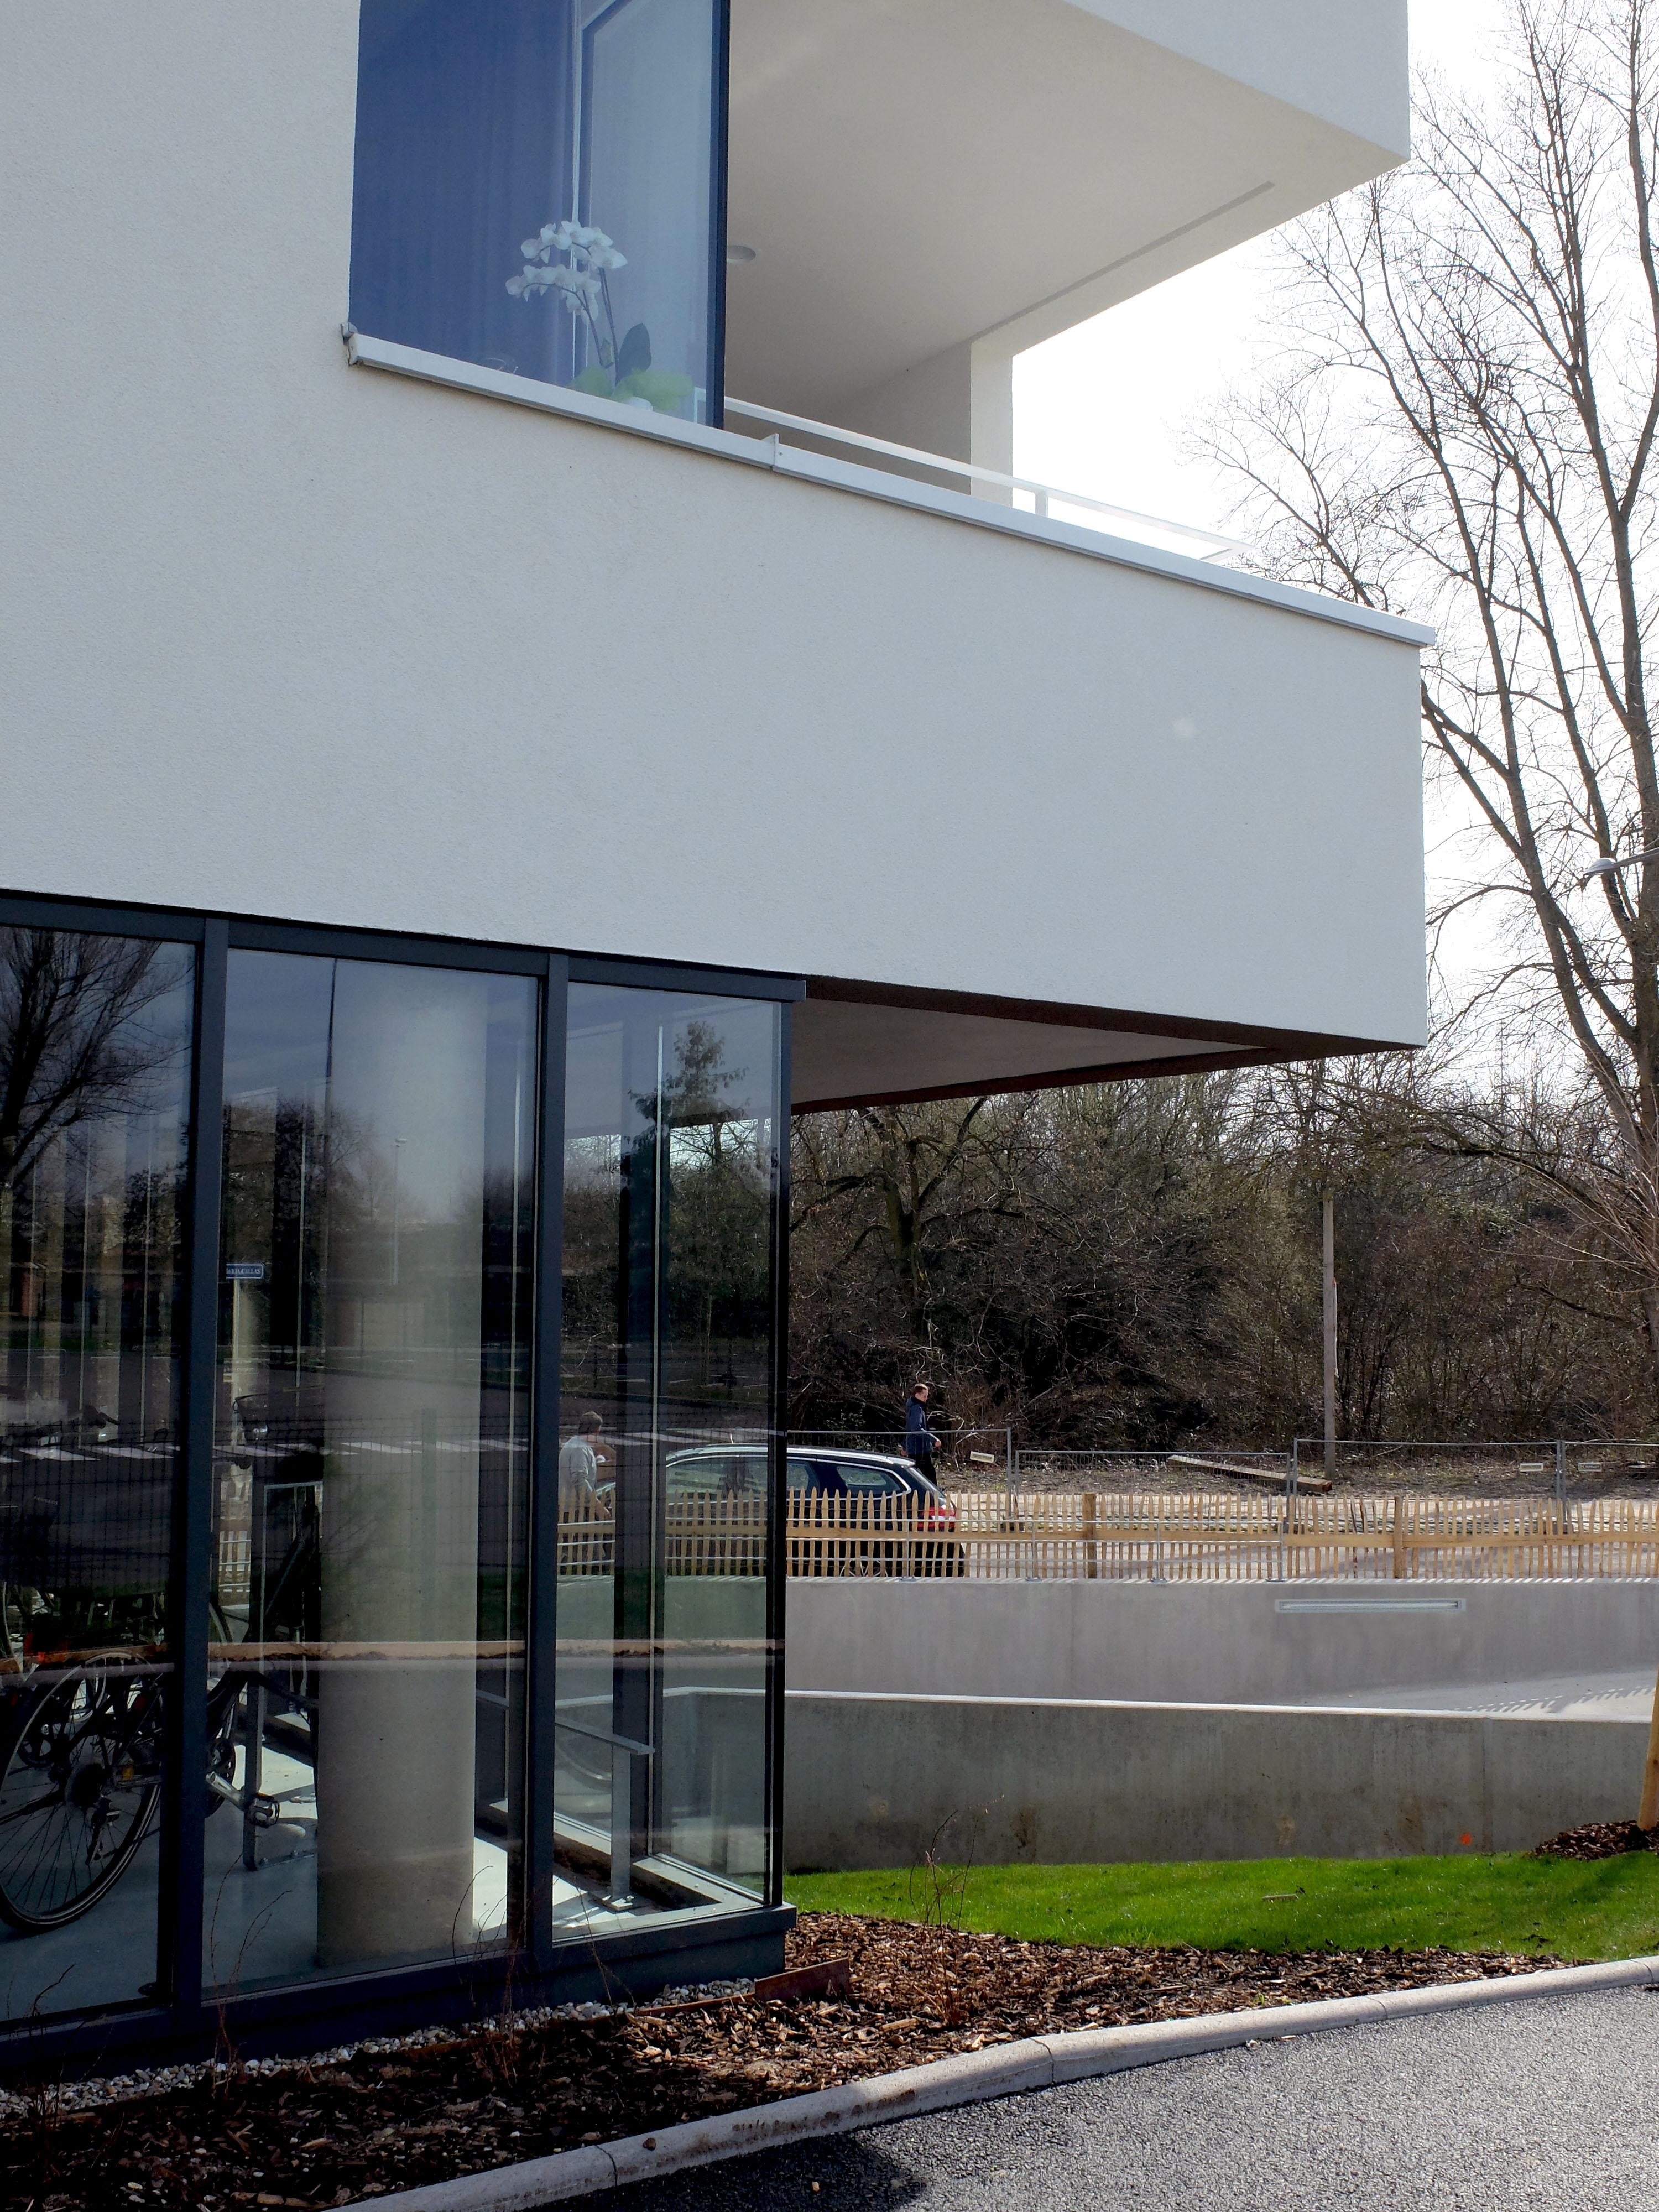 32 Logements BBC à Lingolsheim pied de façade et intégration paysagère